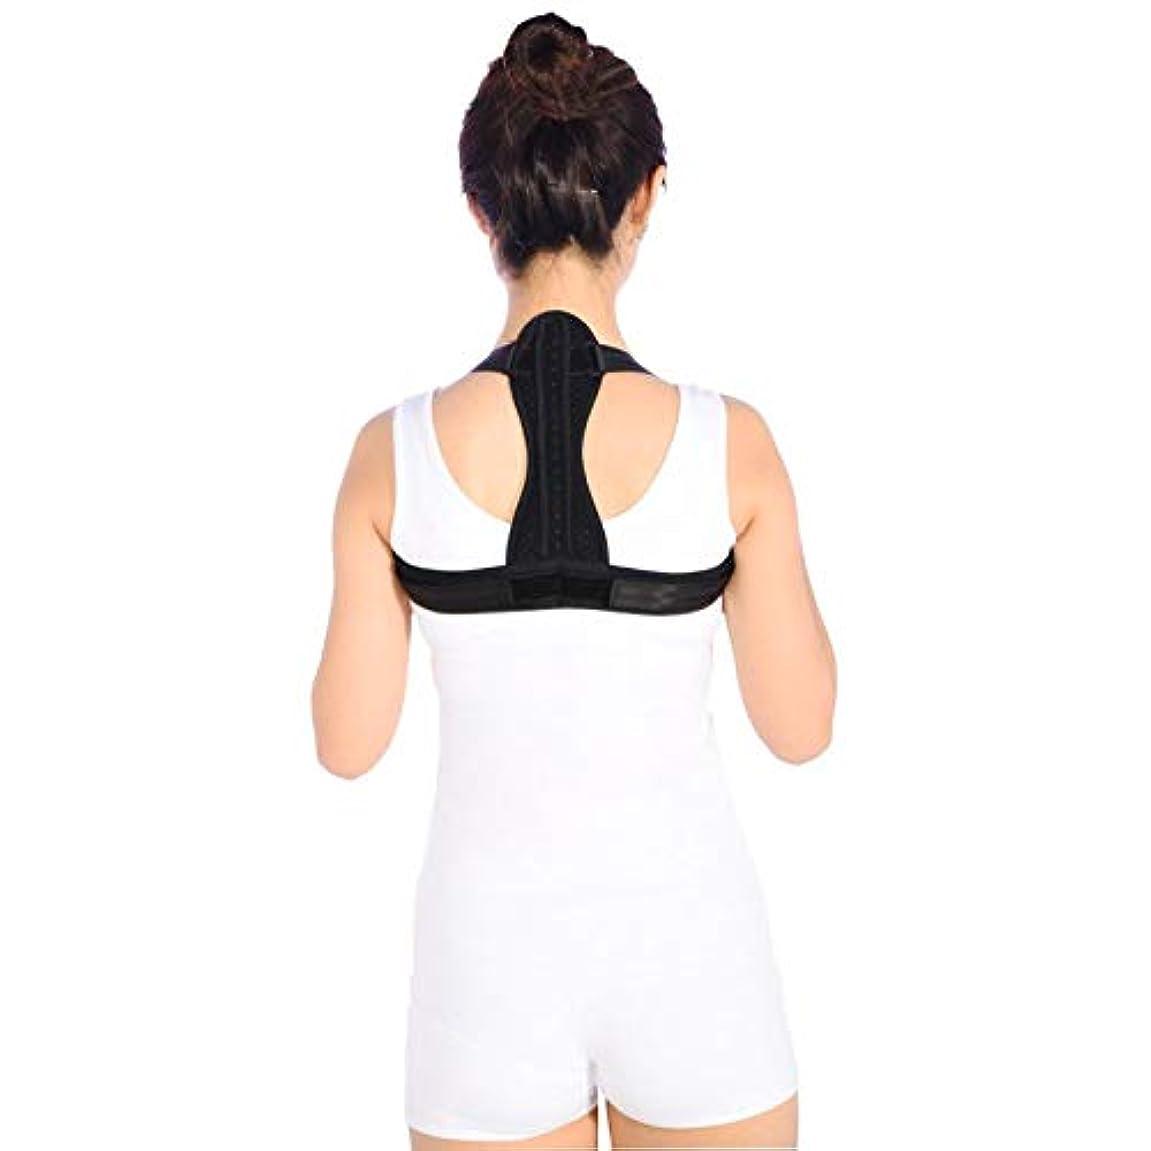 過度にカード豚通気性の脊柱側弯症ザトウクジラ補正ベルト調節可能な快適さ目に見えないベルト男性女性大人学生子供 - 黒